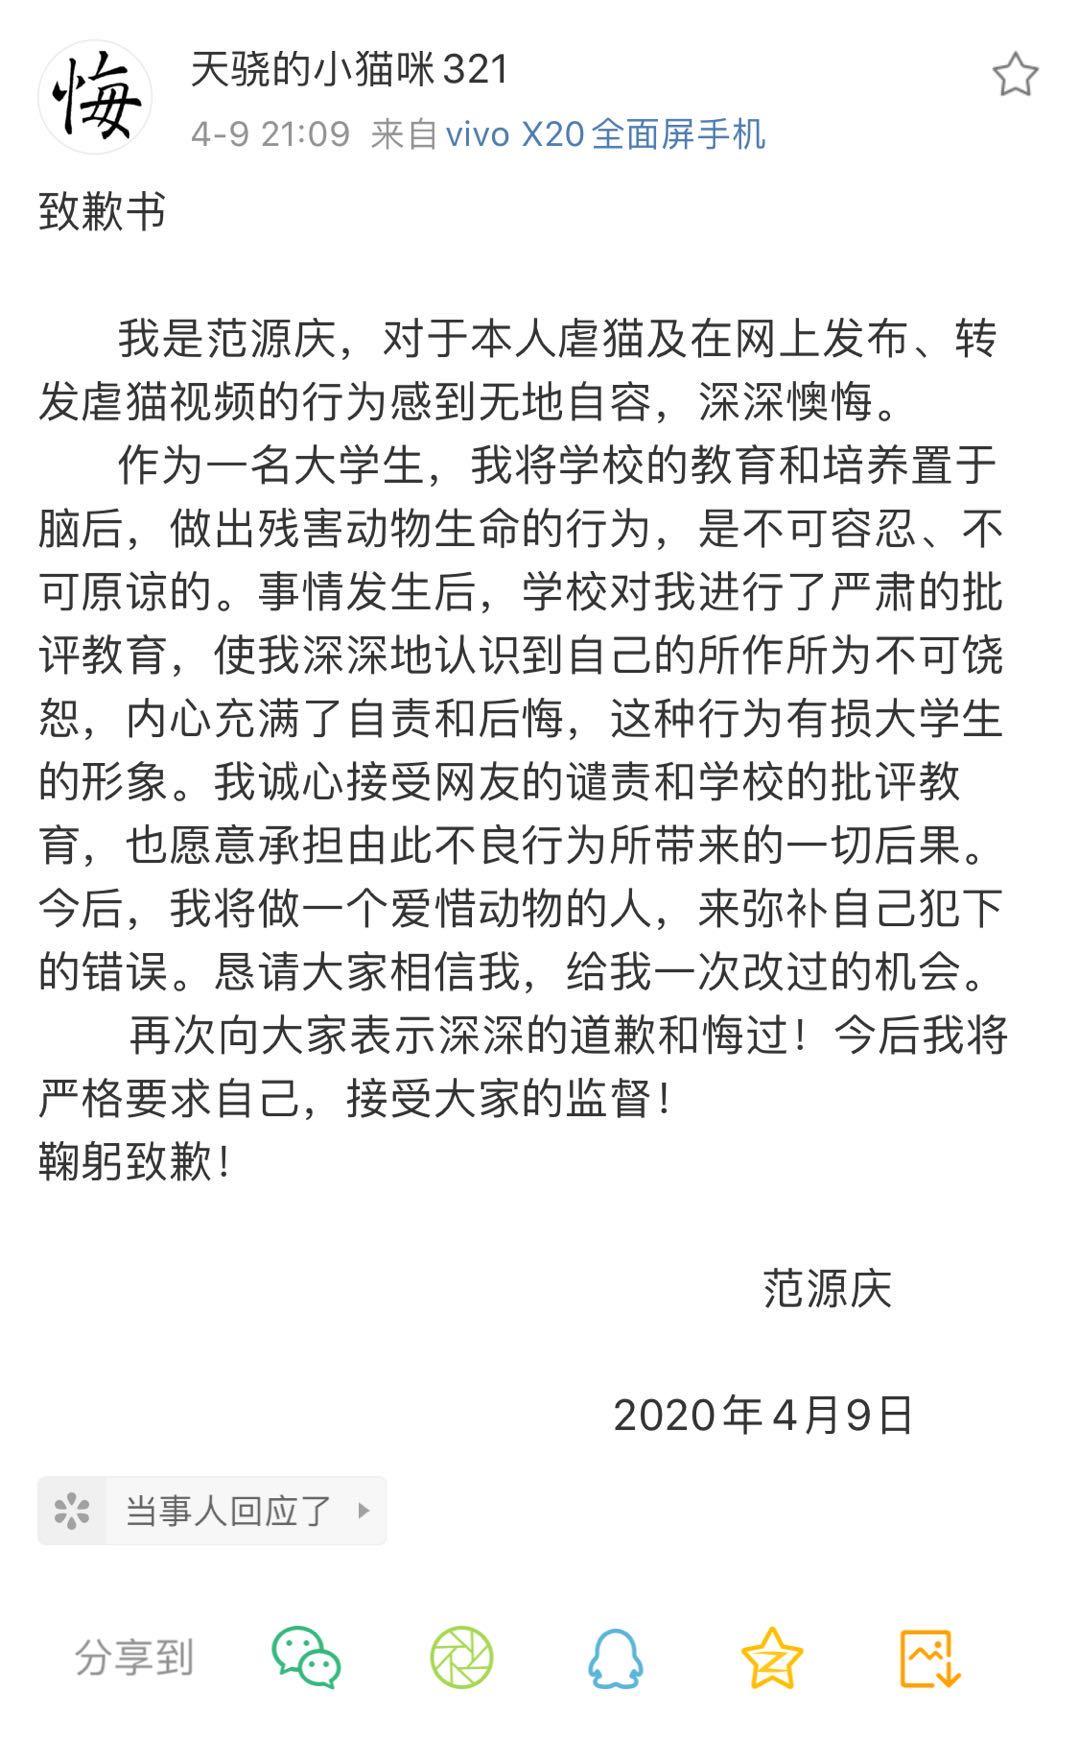 2020世界排球联赛取消,保留中国决赛主办权